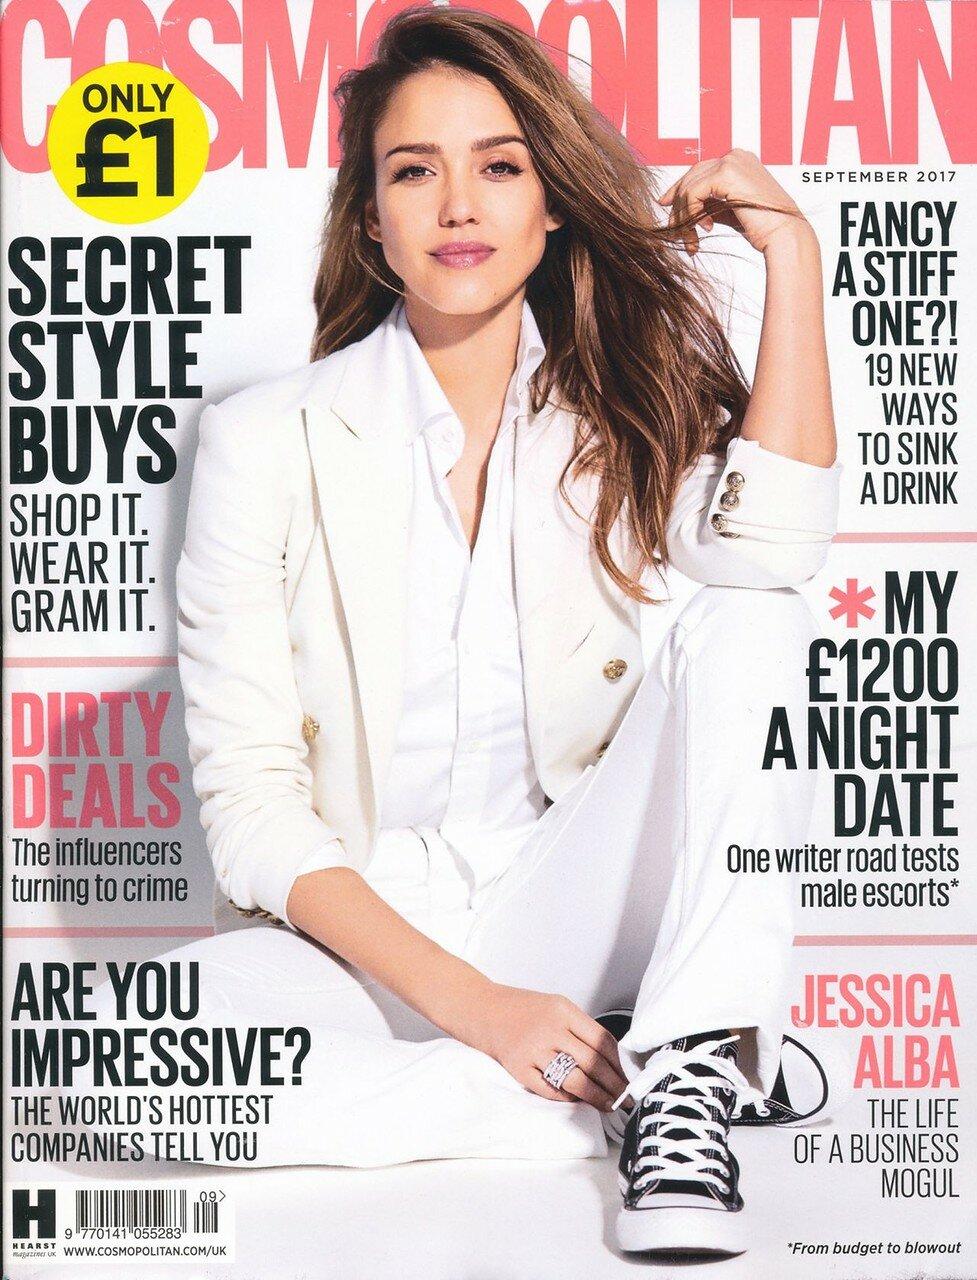 jessica-alba-cosmopolitan-magazine-uk-september-2017-issue-2.jpg